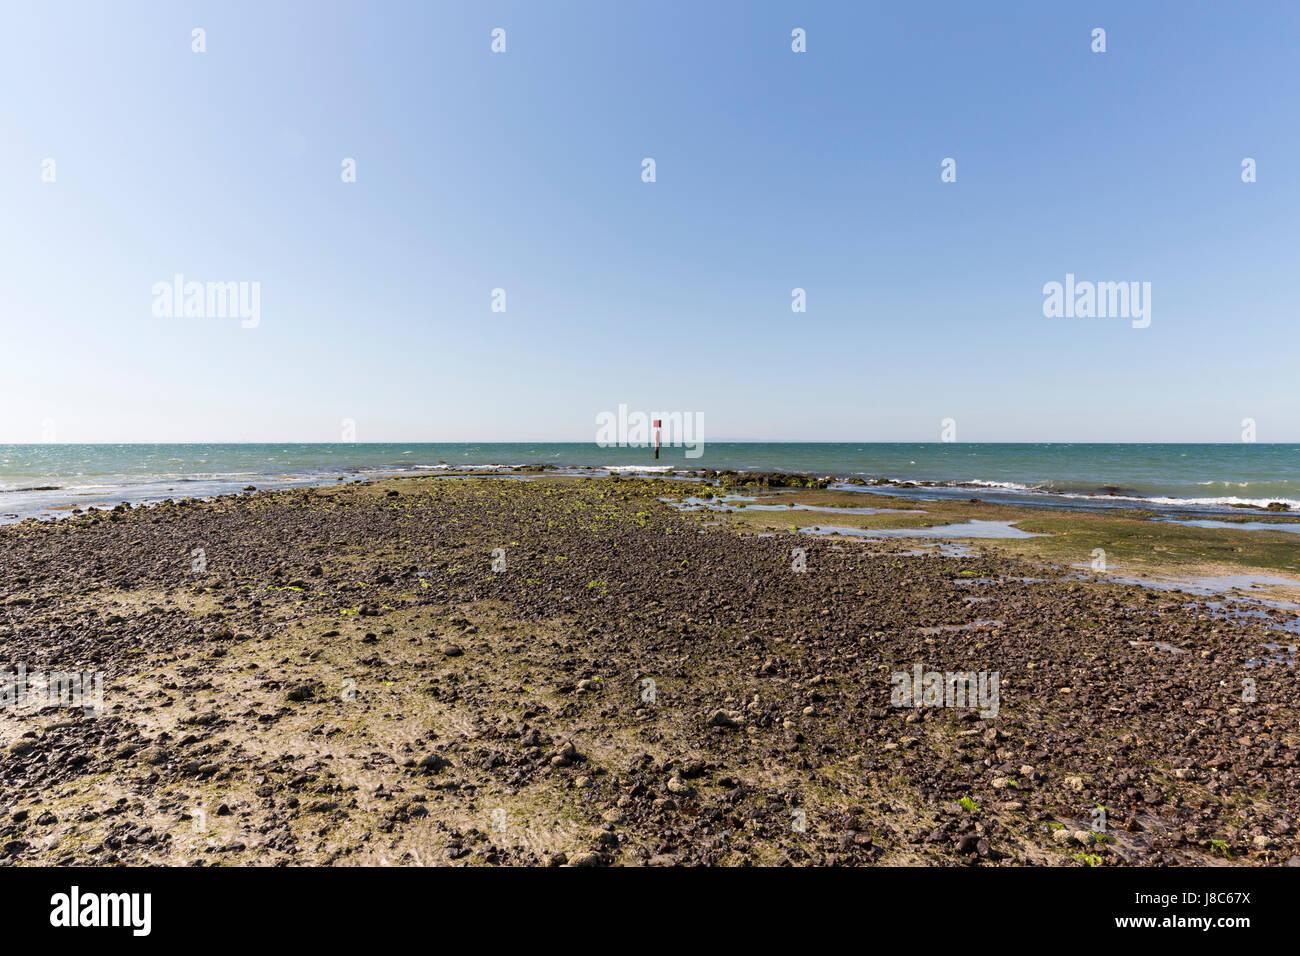 Strand mit Muds. Stockbild